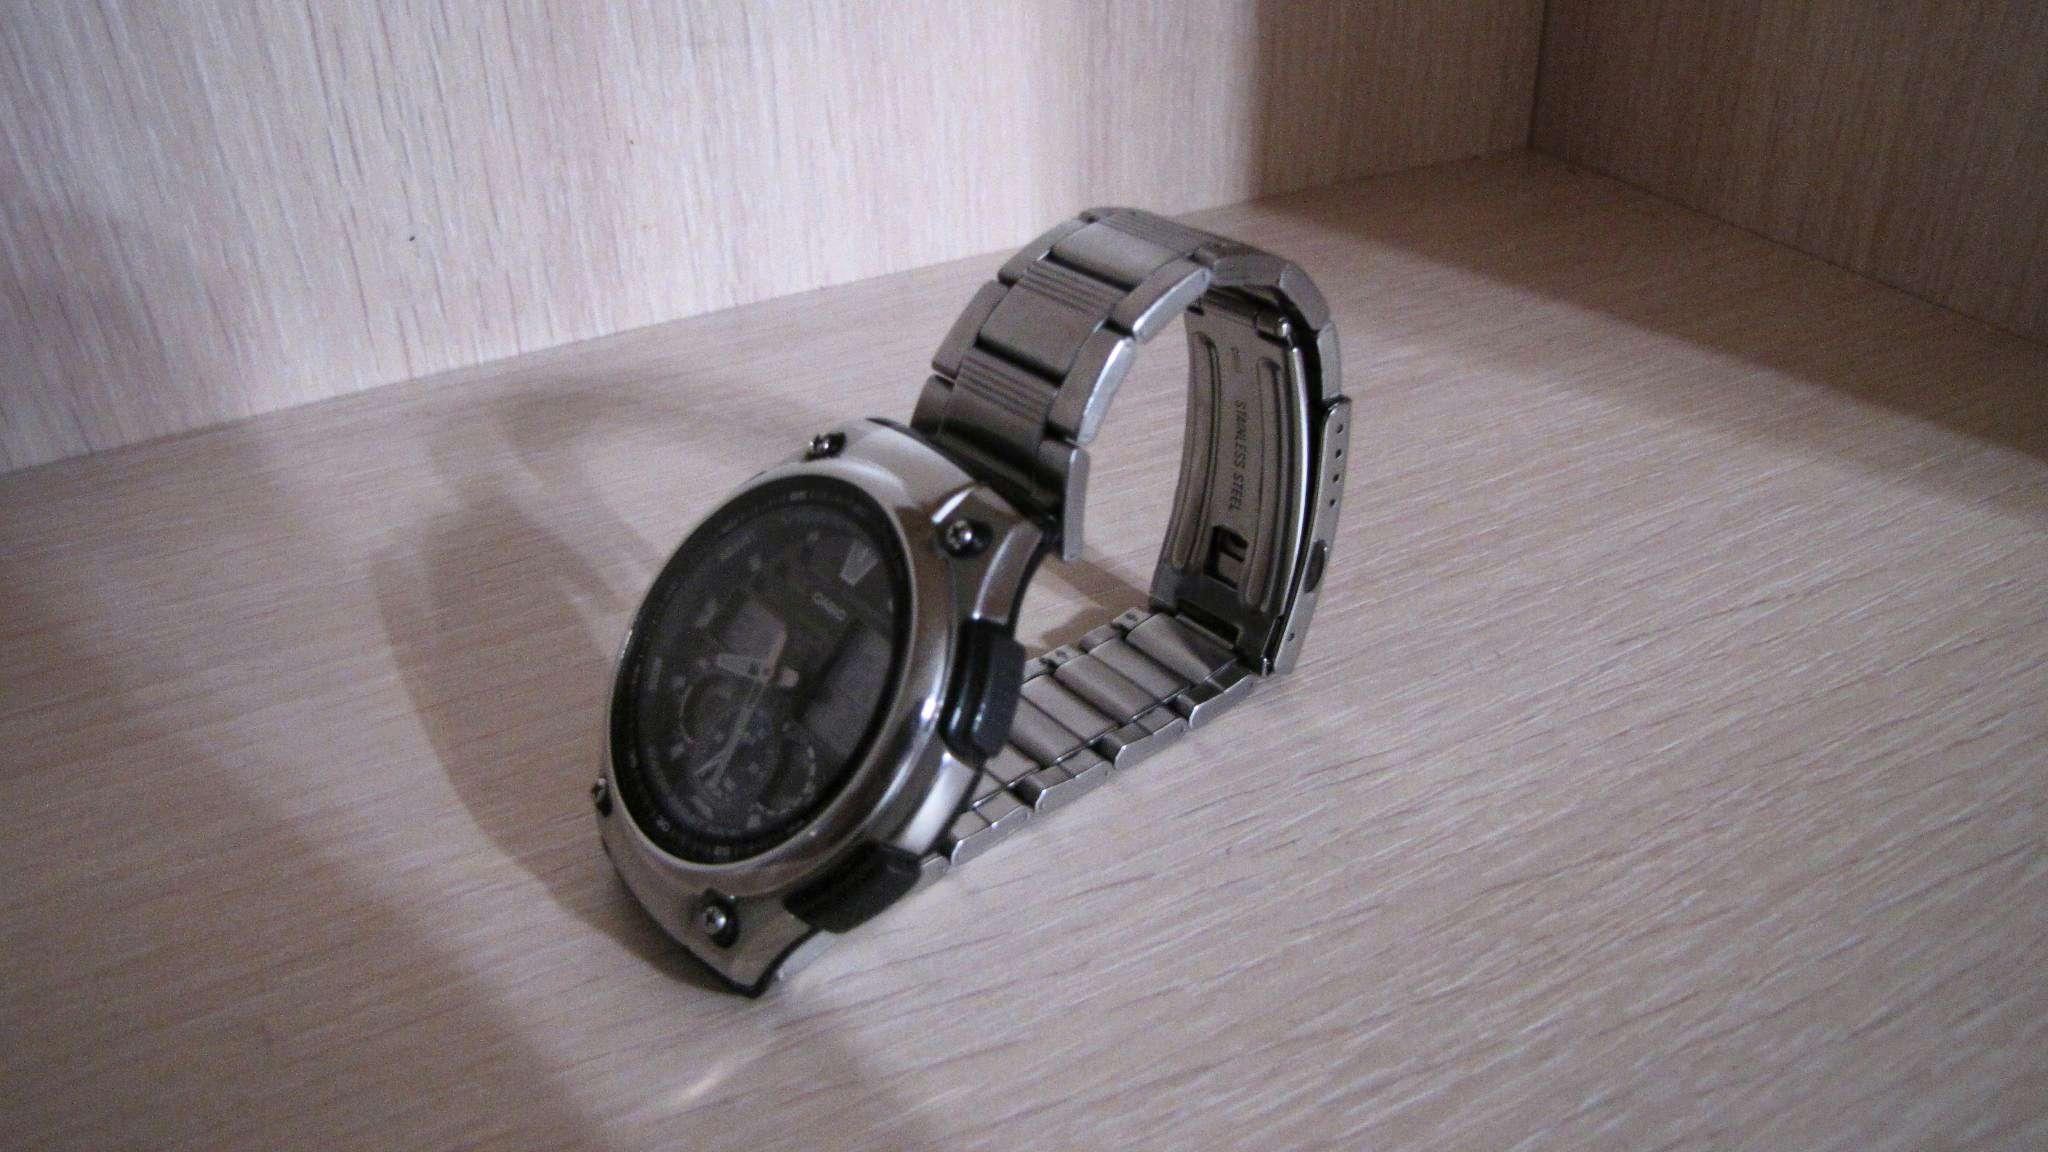 Наручные часы CASIO AQ-190WD-1A CASIO COLLECTION - купить в интернет-магазине ОНЛАЙН ТРЕЙД.РУ